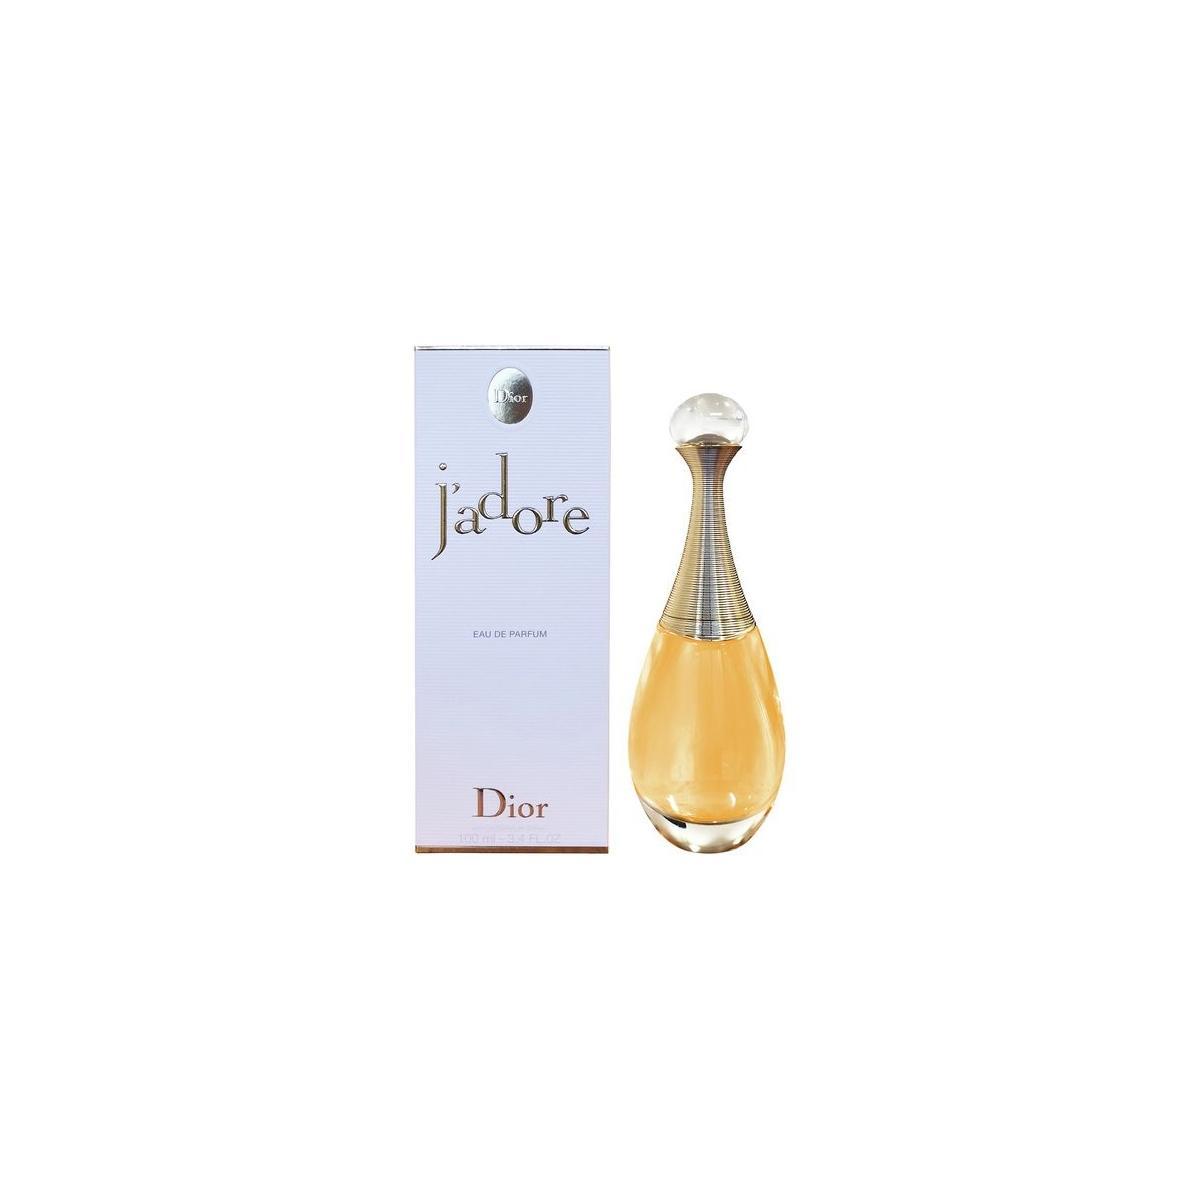 Profumo J'Adore Eau de Parfum di Christian Dior 100ml